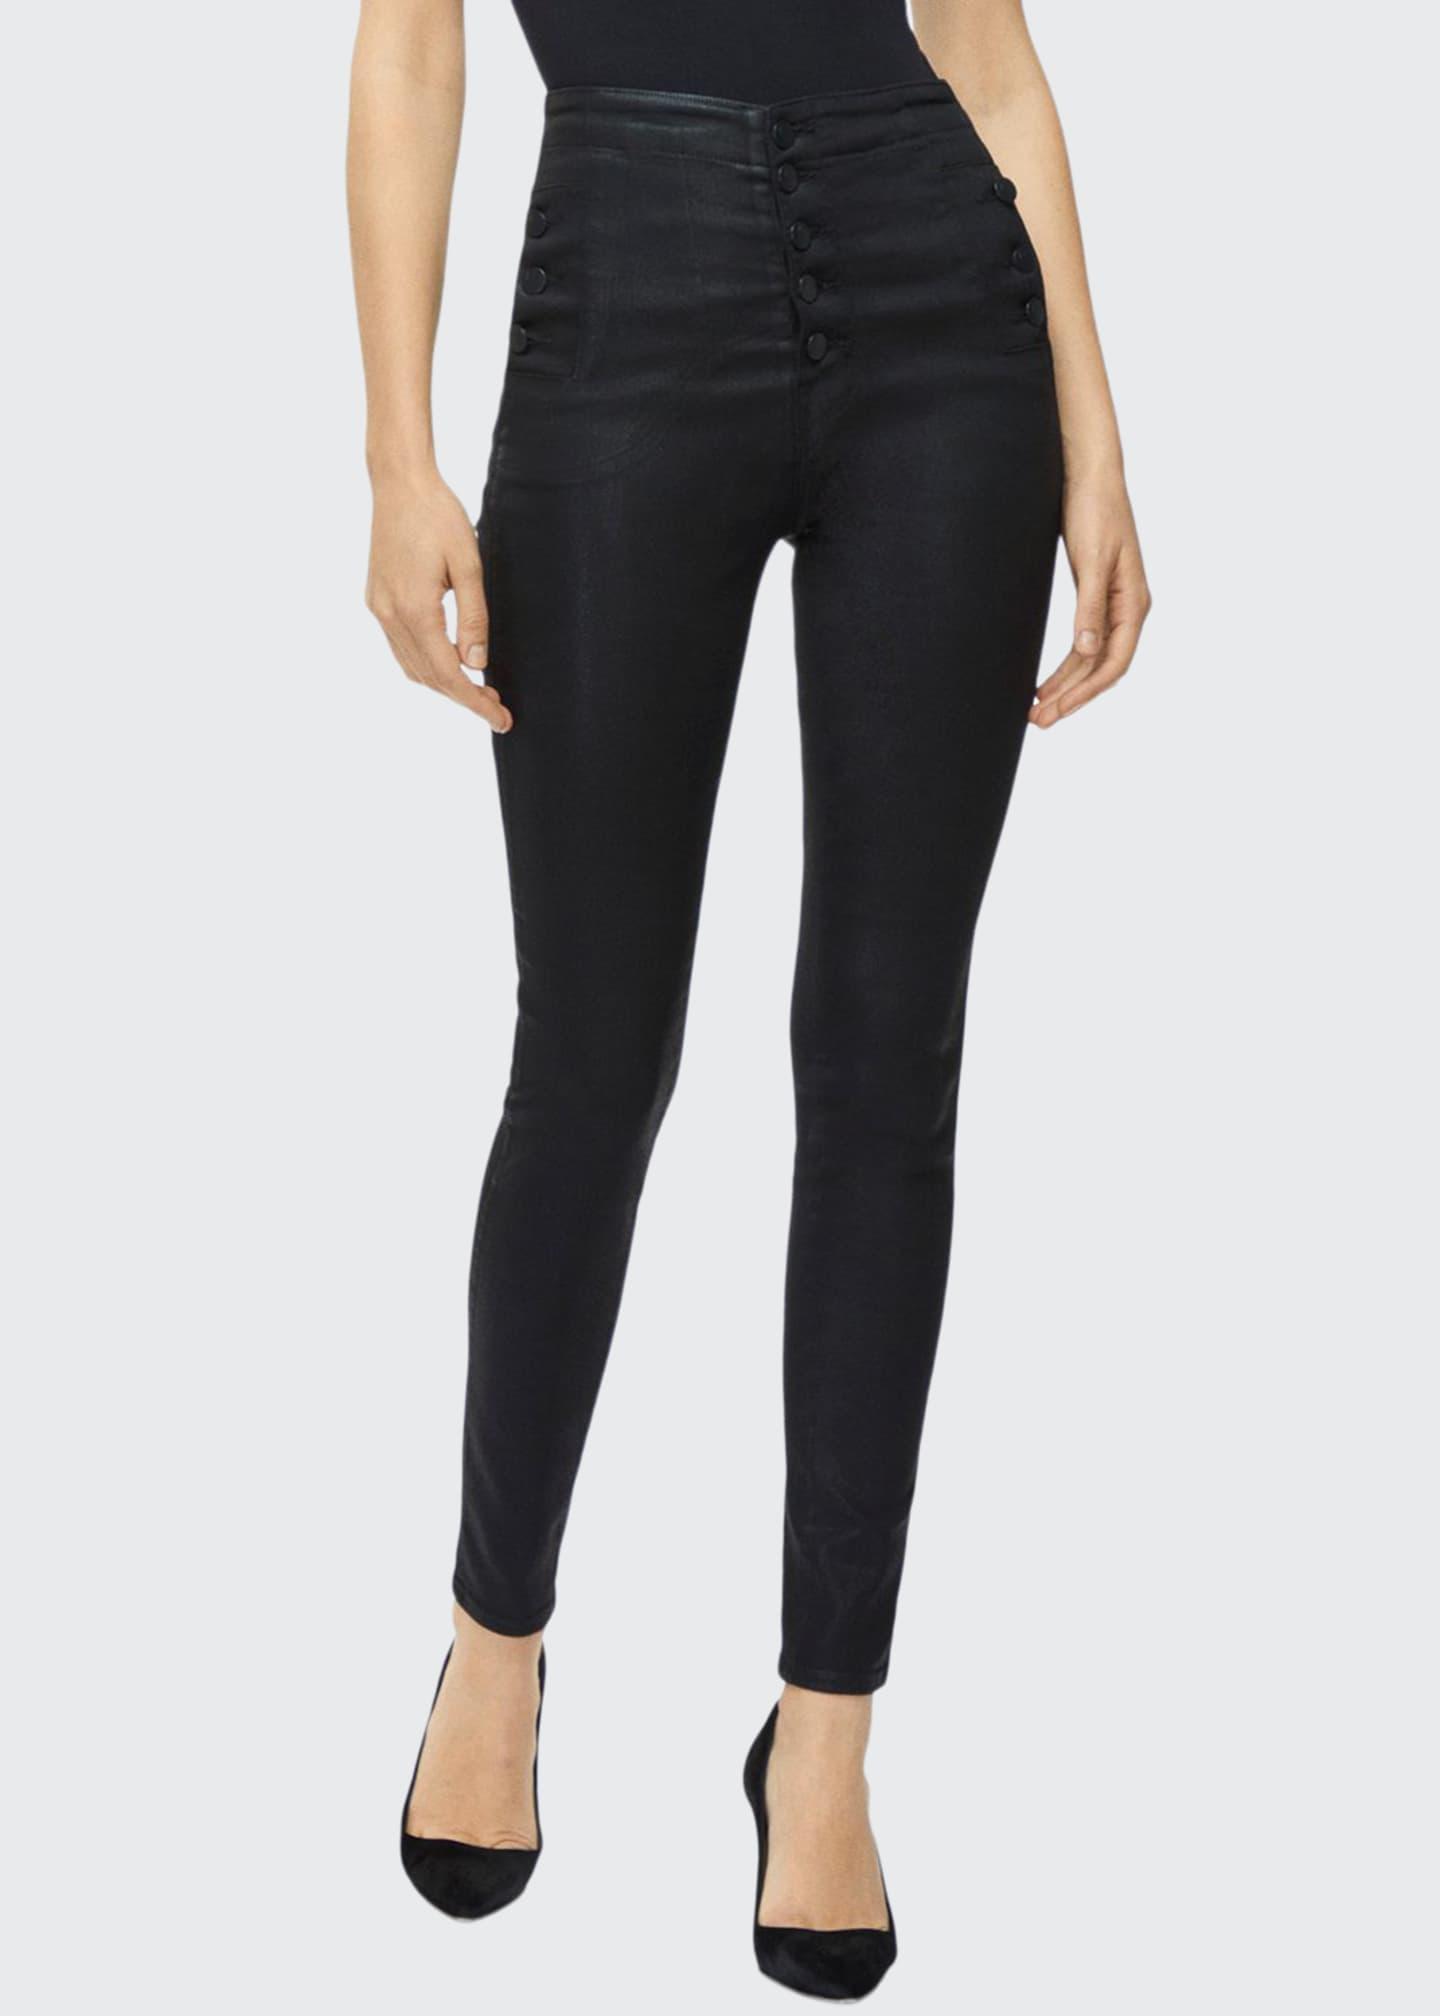 J Brand Natasha High-Rise Coated Skinny Jeans